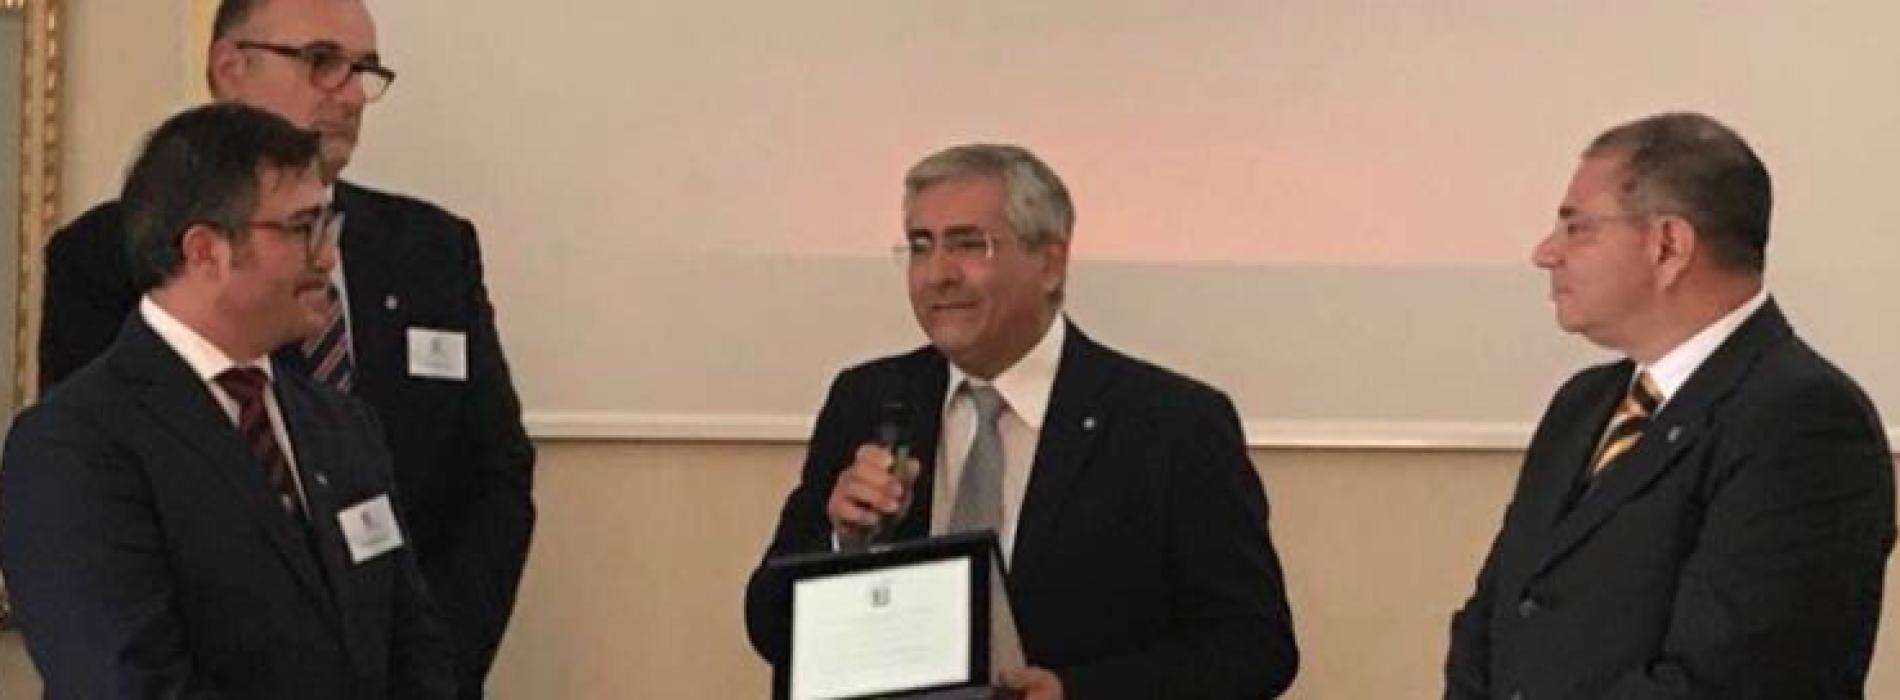 Medicina Caserta, al presidente Monda il Premio Mario Fiore